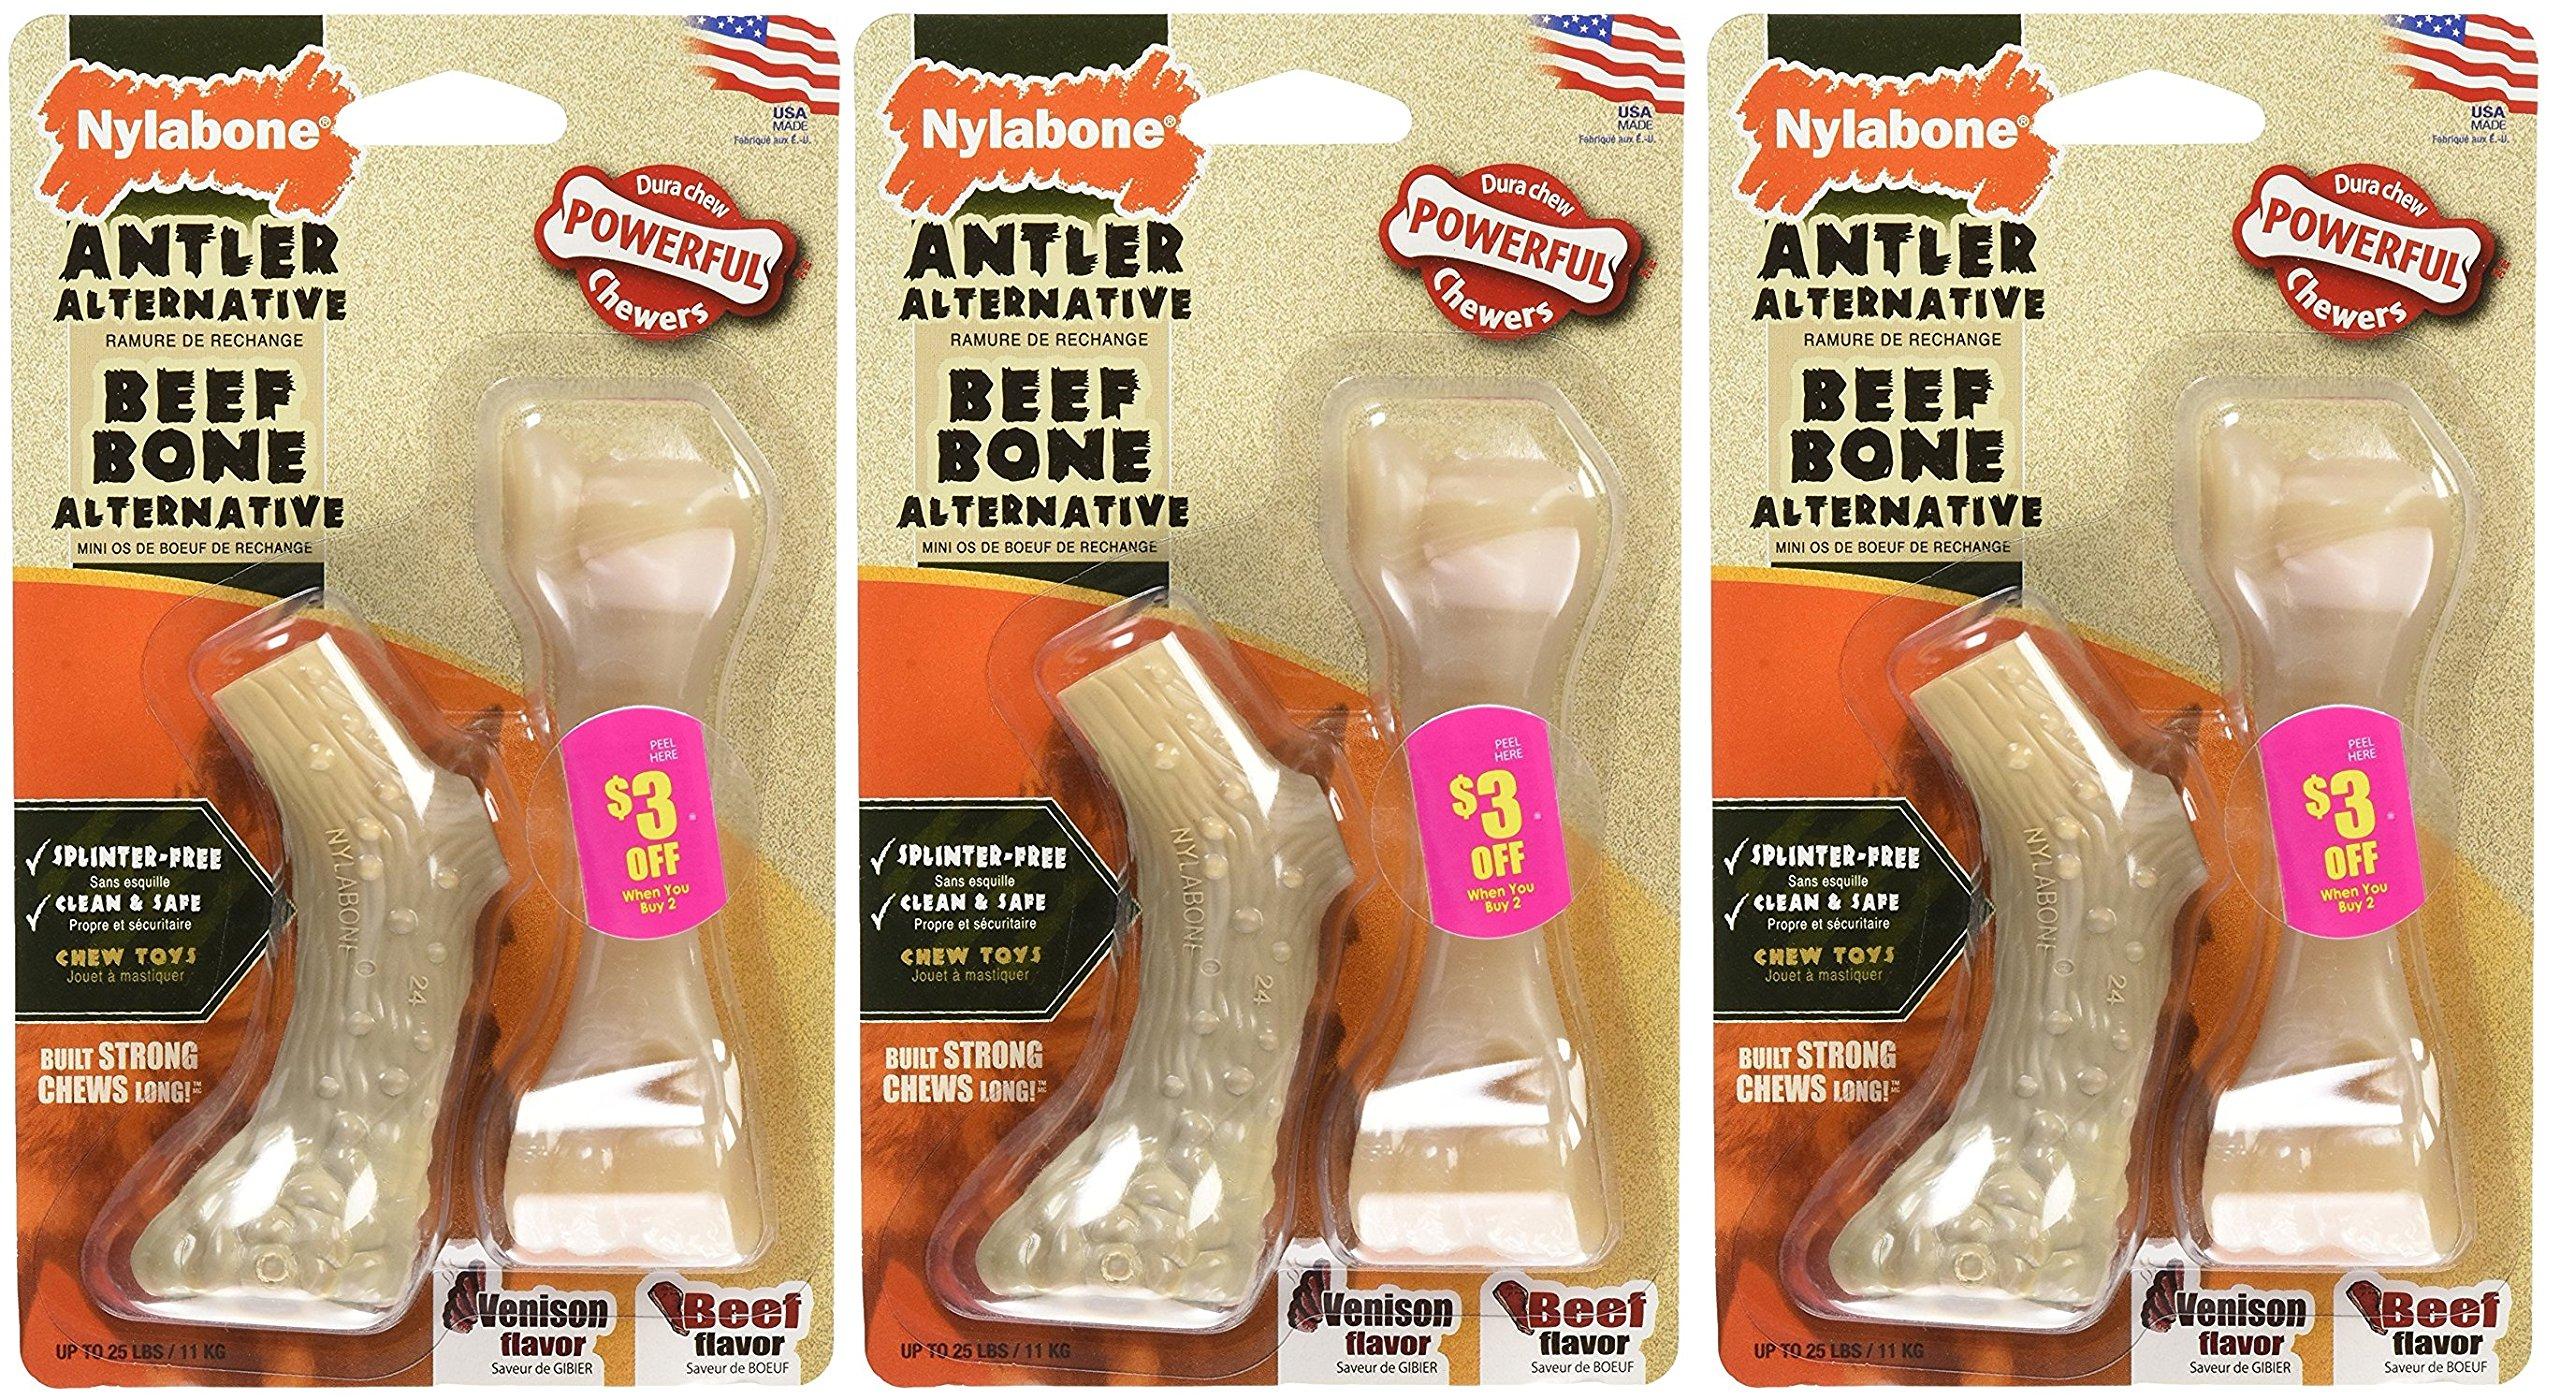 (3 Pack) Nylabone Dura Antler & Mini Beef Bone Alternative Dog Chew Toys